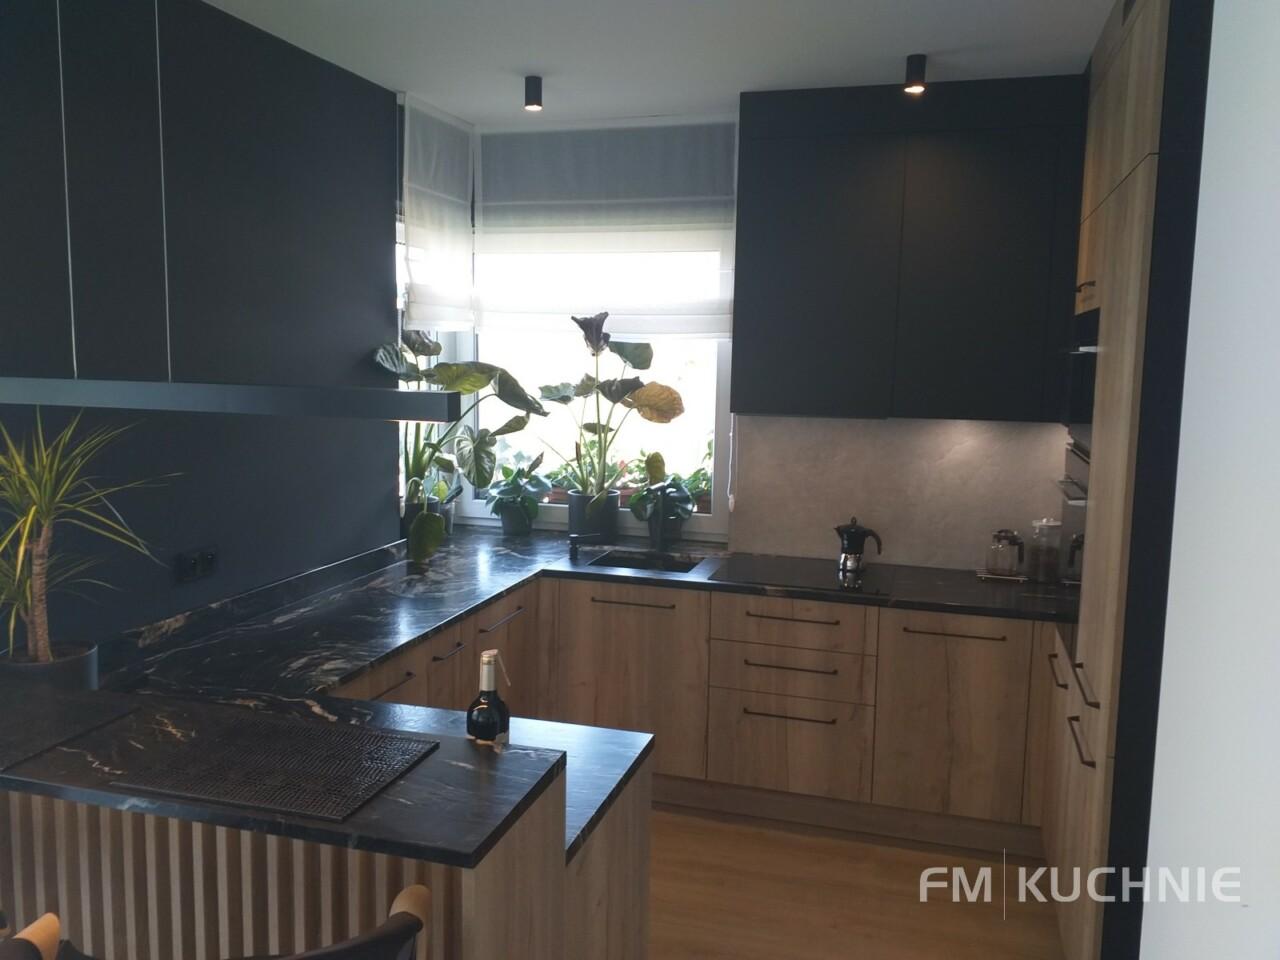 Kuchnia na wymiar WFM Punto dąb halifax P79F w połączeniu z Raso czarny mat P76F z tradycyjnymi uchwytami - Meble kuchenne Kraków -1- FM KUCHNIE Kraków